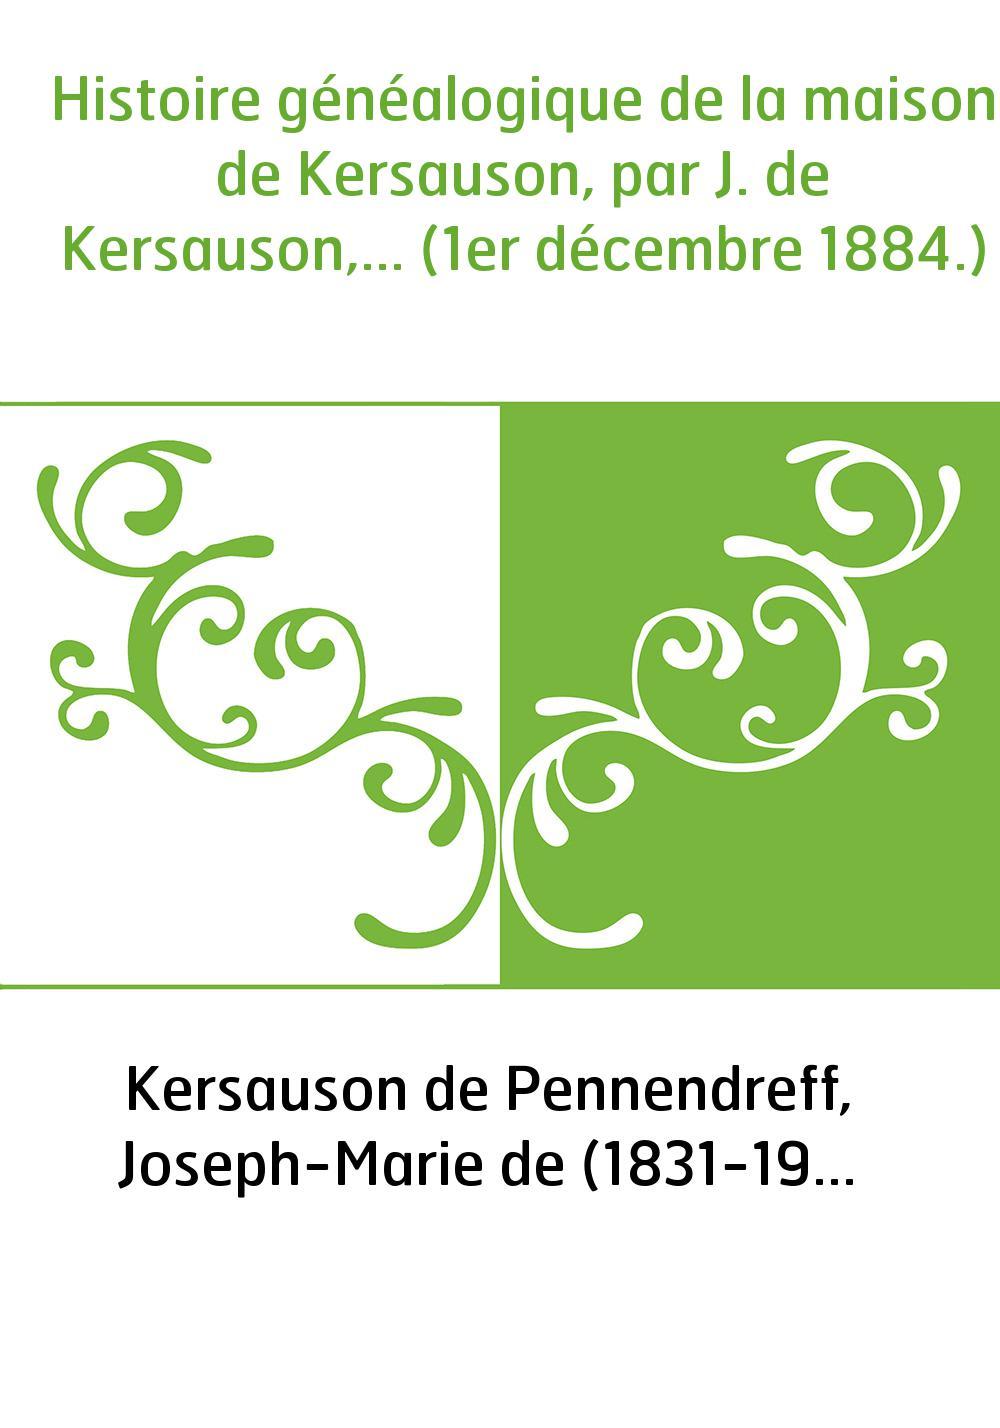 Histoire généalogique de la maison de Kersauson, par J. de Kersauson,... (1er décembre 1884.)